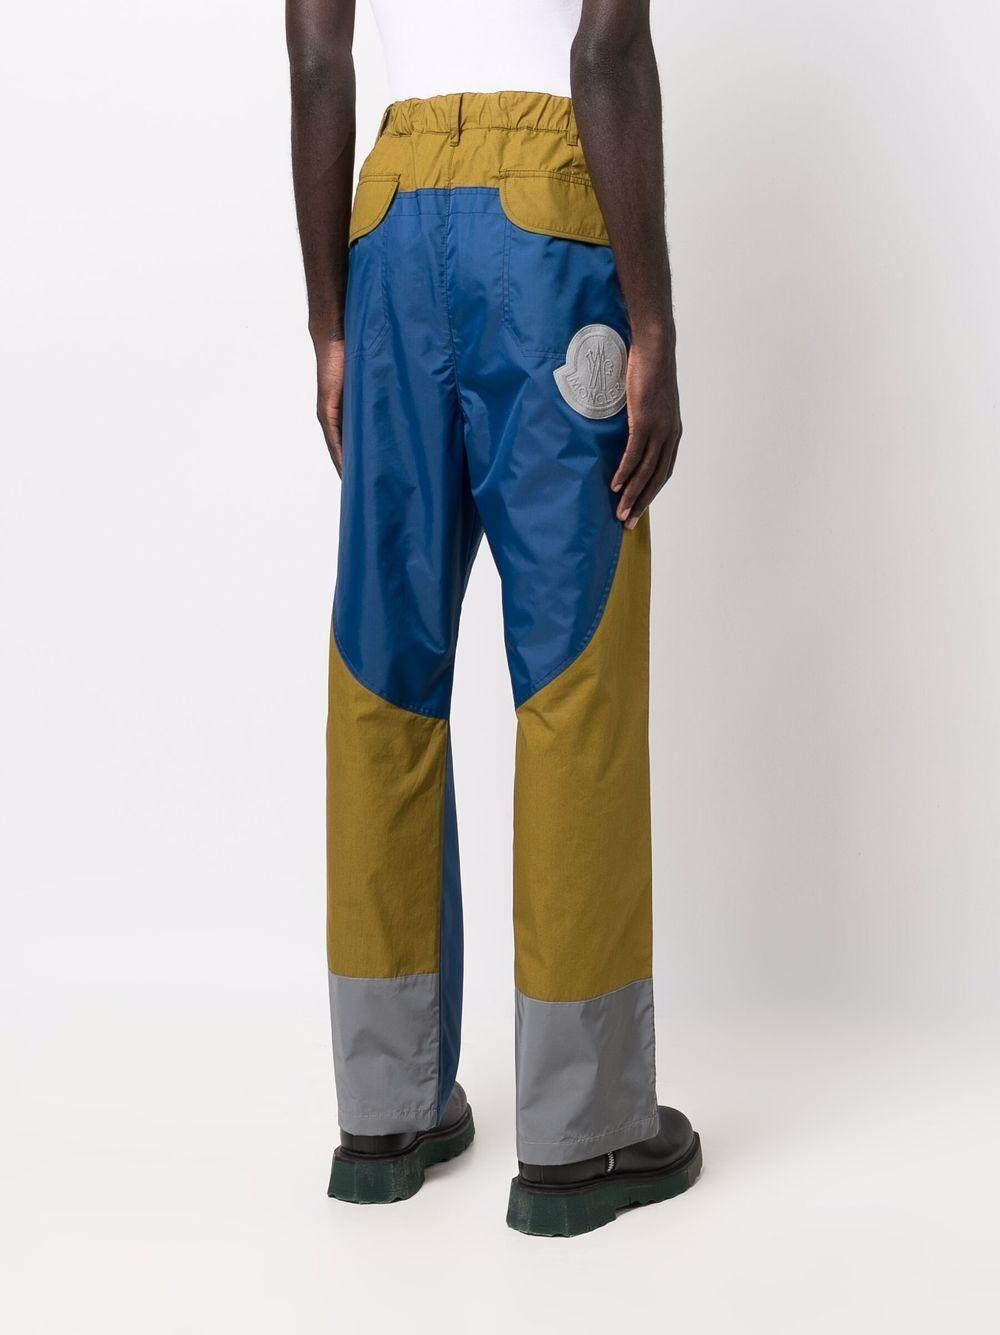 Blue and green cotton colour block Moncler Genius 1952  trousers MONCLER 1952      2A000-03-539JJ782